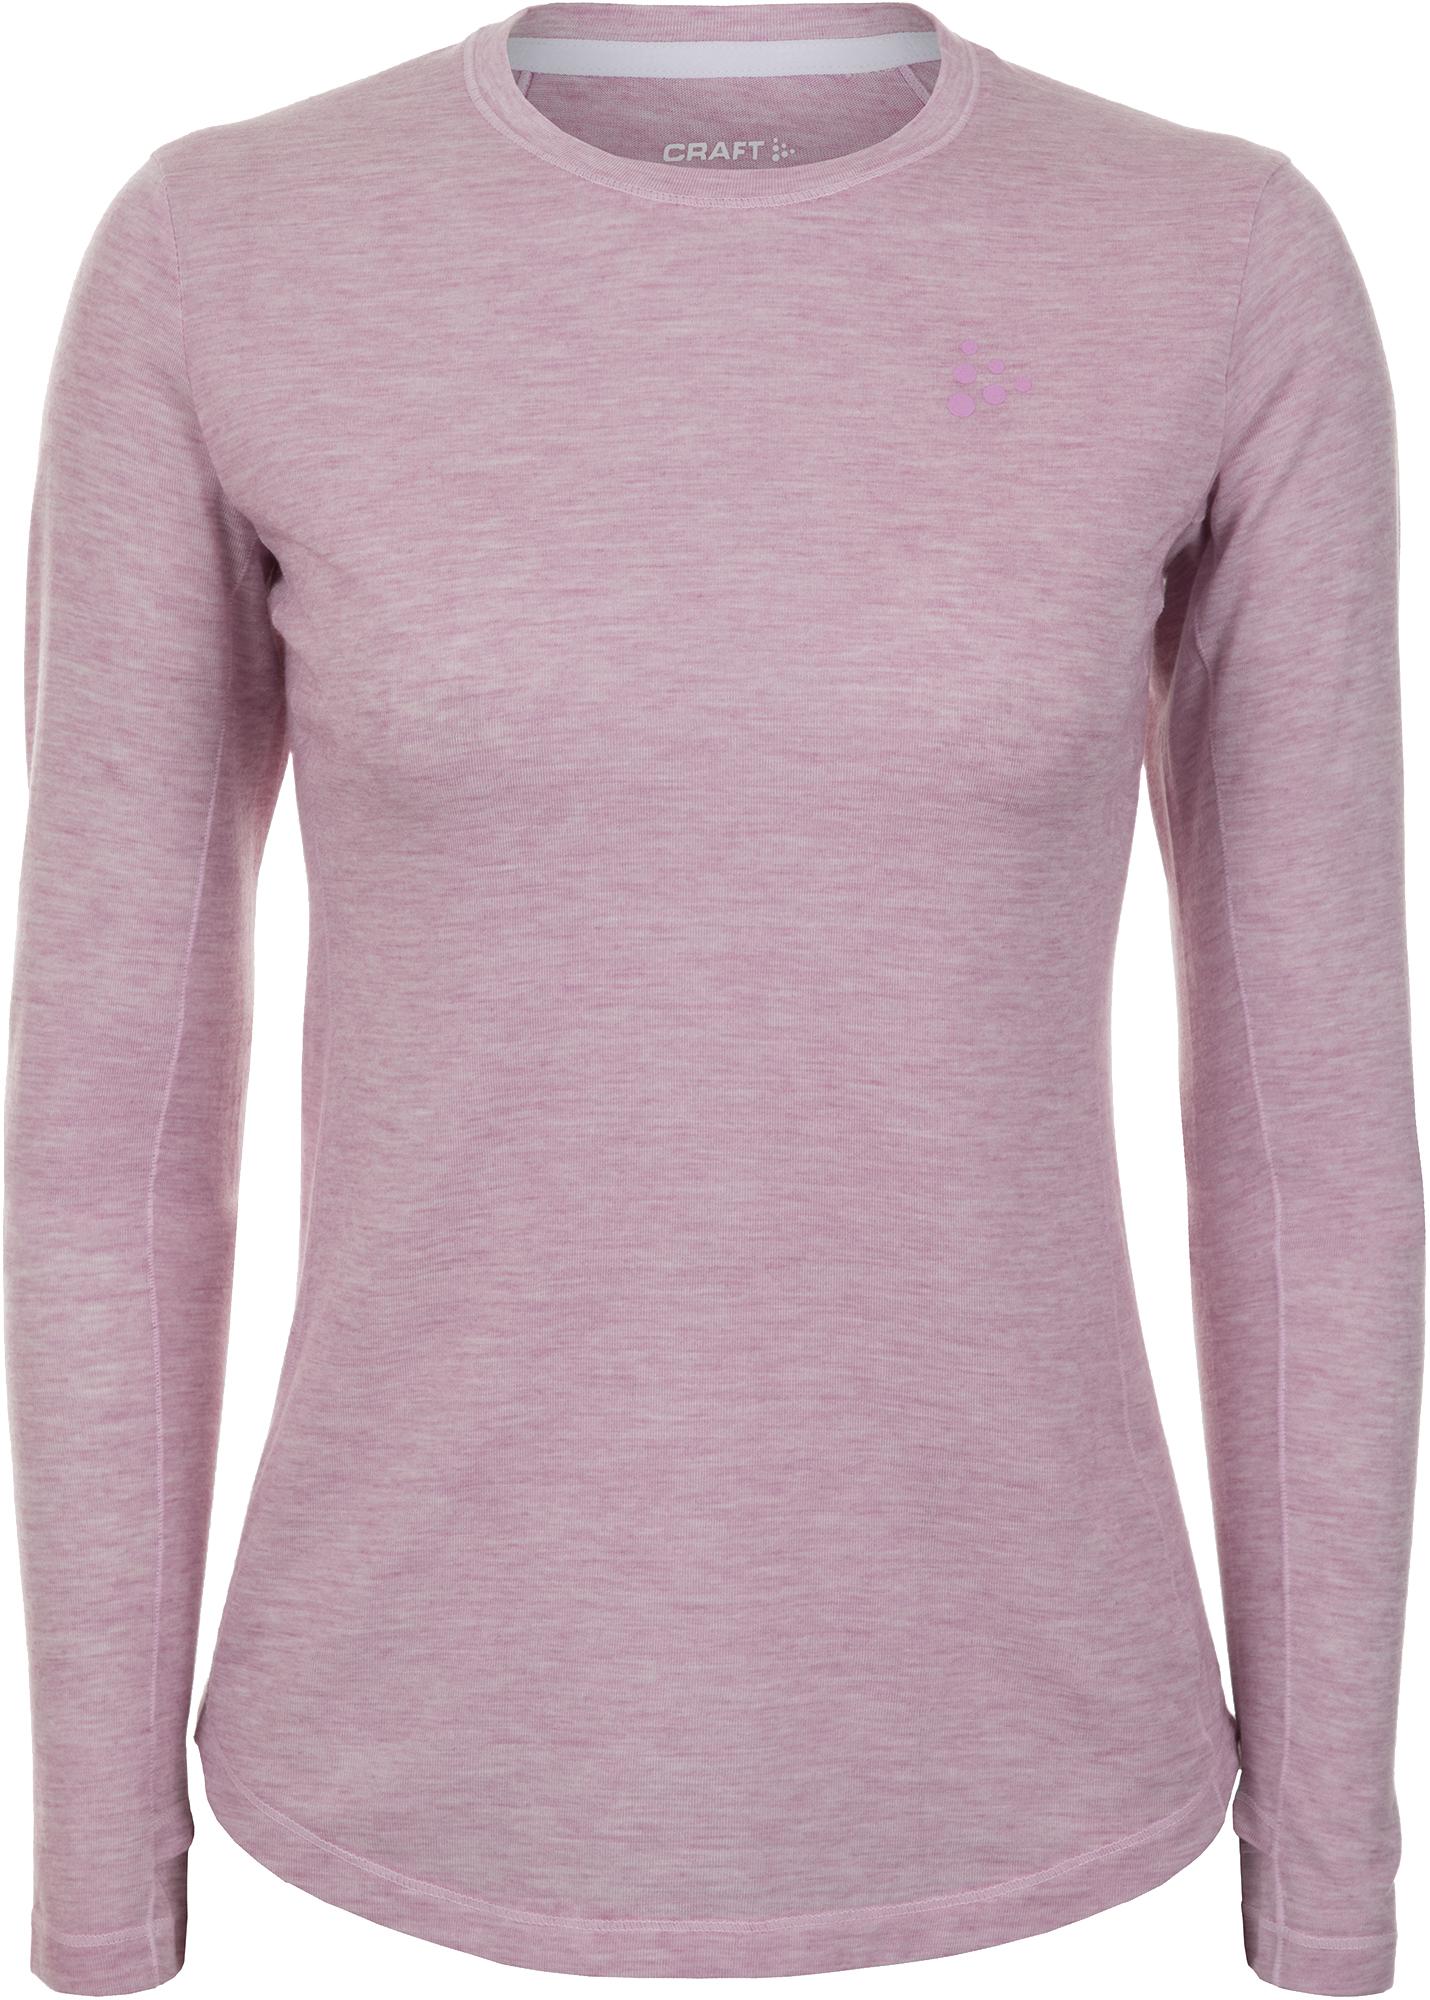 Craft Футболка с длинным рукавом женская Craft Urban Run LS Wool Tee, размер 44-46 футболка женская puma evo tee цвет персиковый 57511231 размер m 44 46